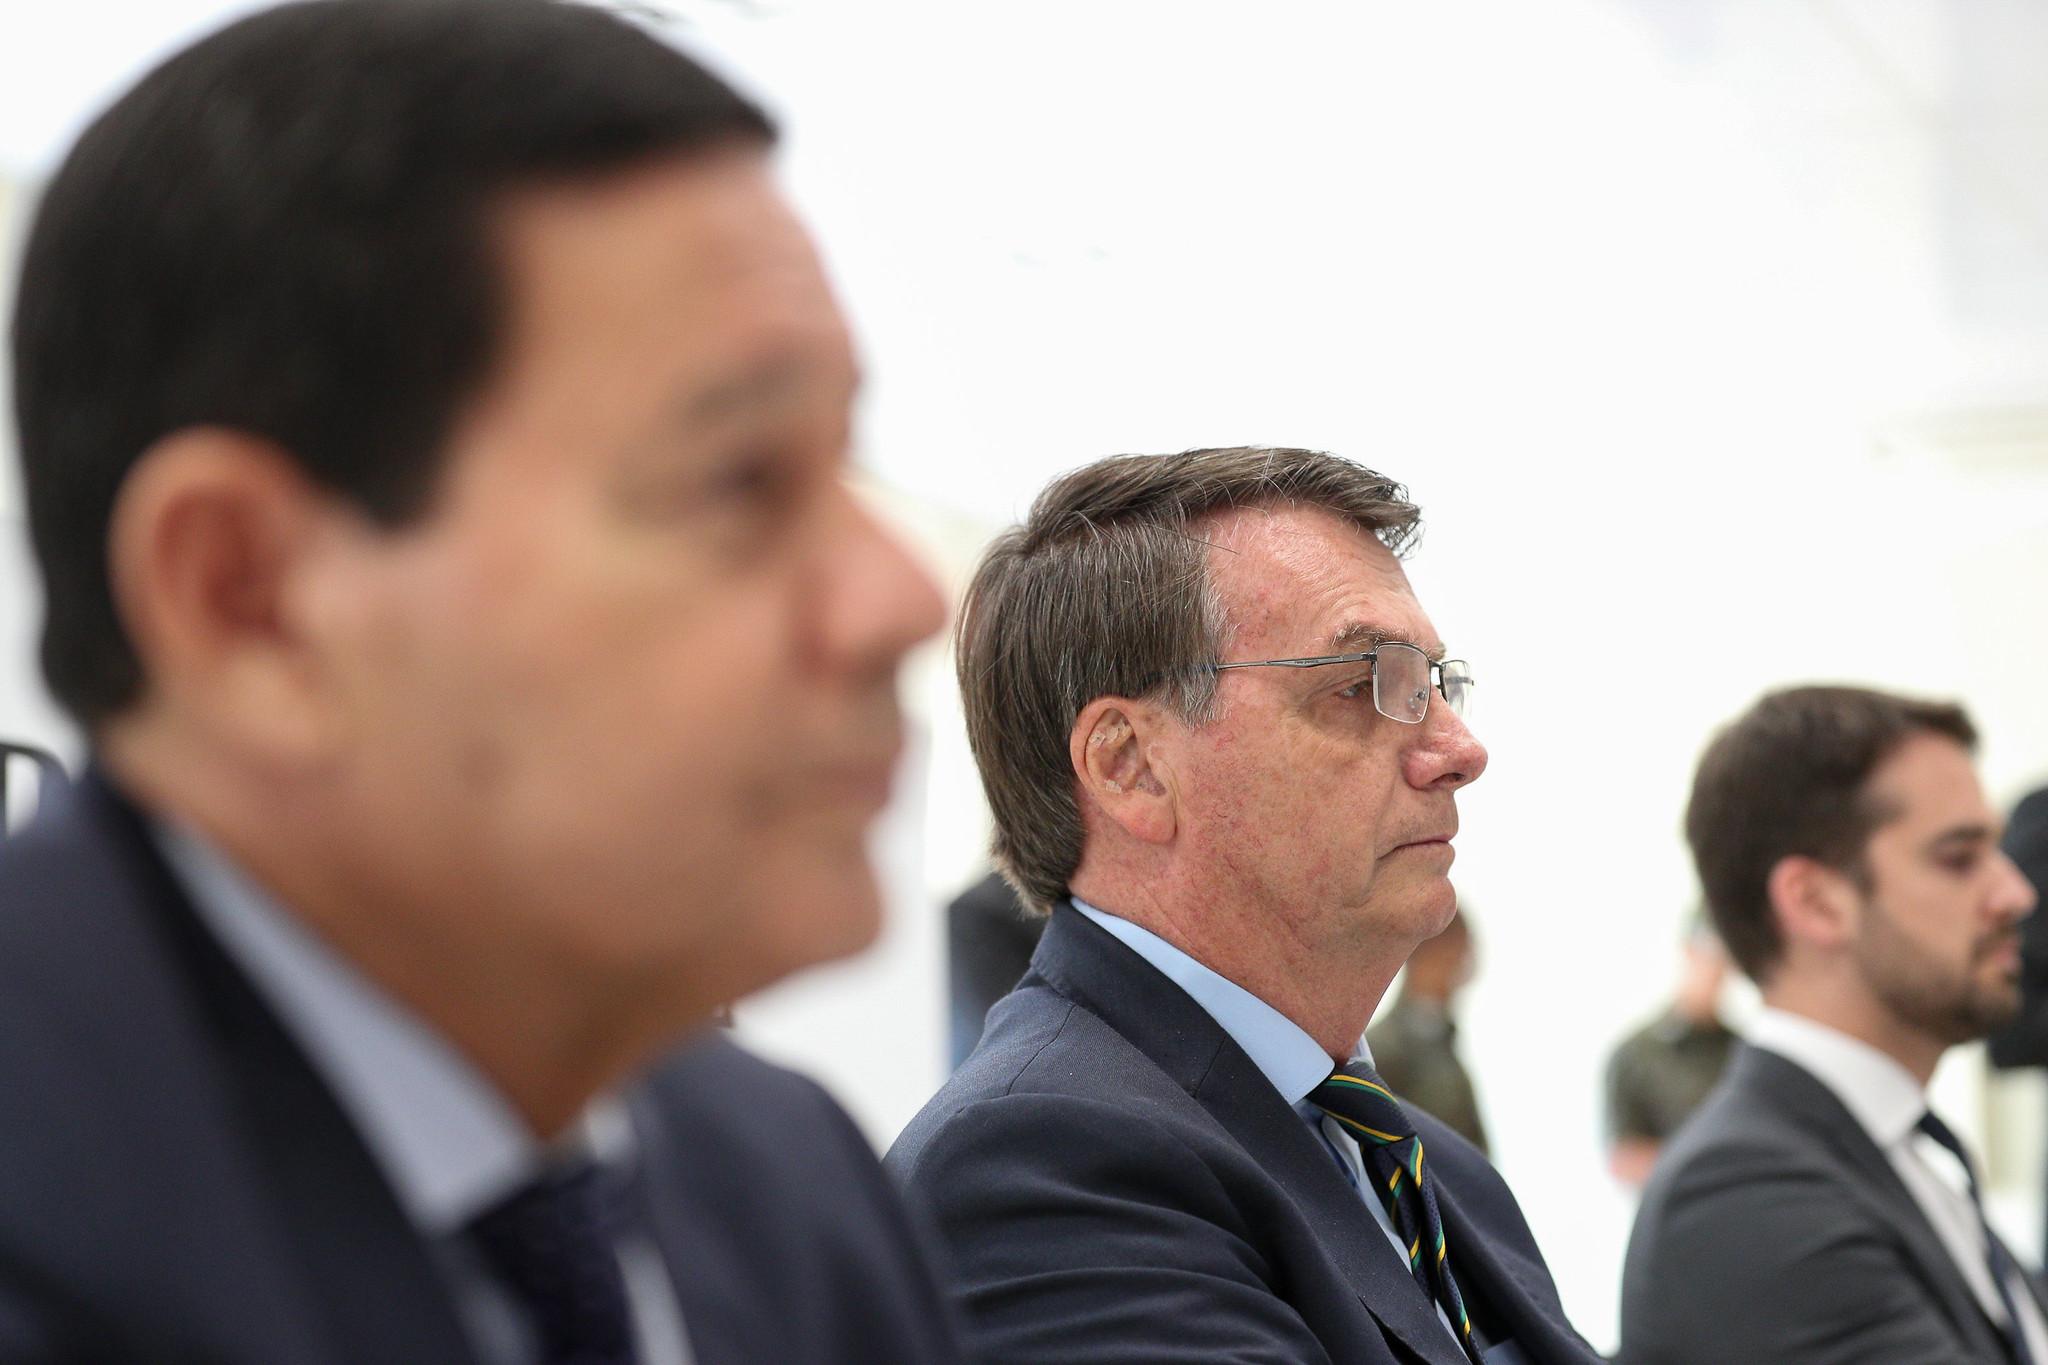 30.04.2020 - Porto Alegre/RS - Jair Bolsonaro durante visita ao Centro de Operações de combate ao COVID-19 do Comando Militar do Sul. Foto: Marcos Corrêa/PR